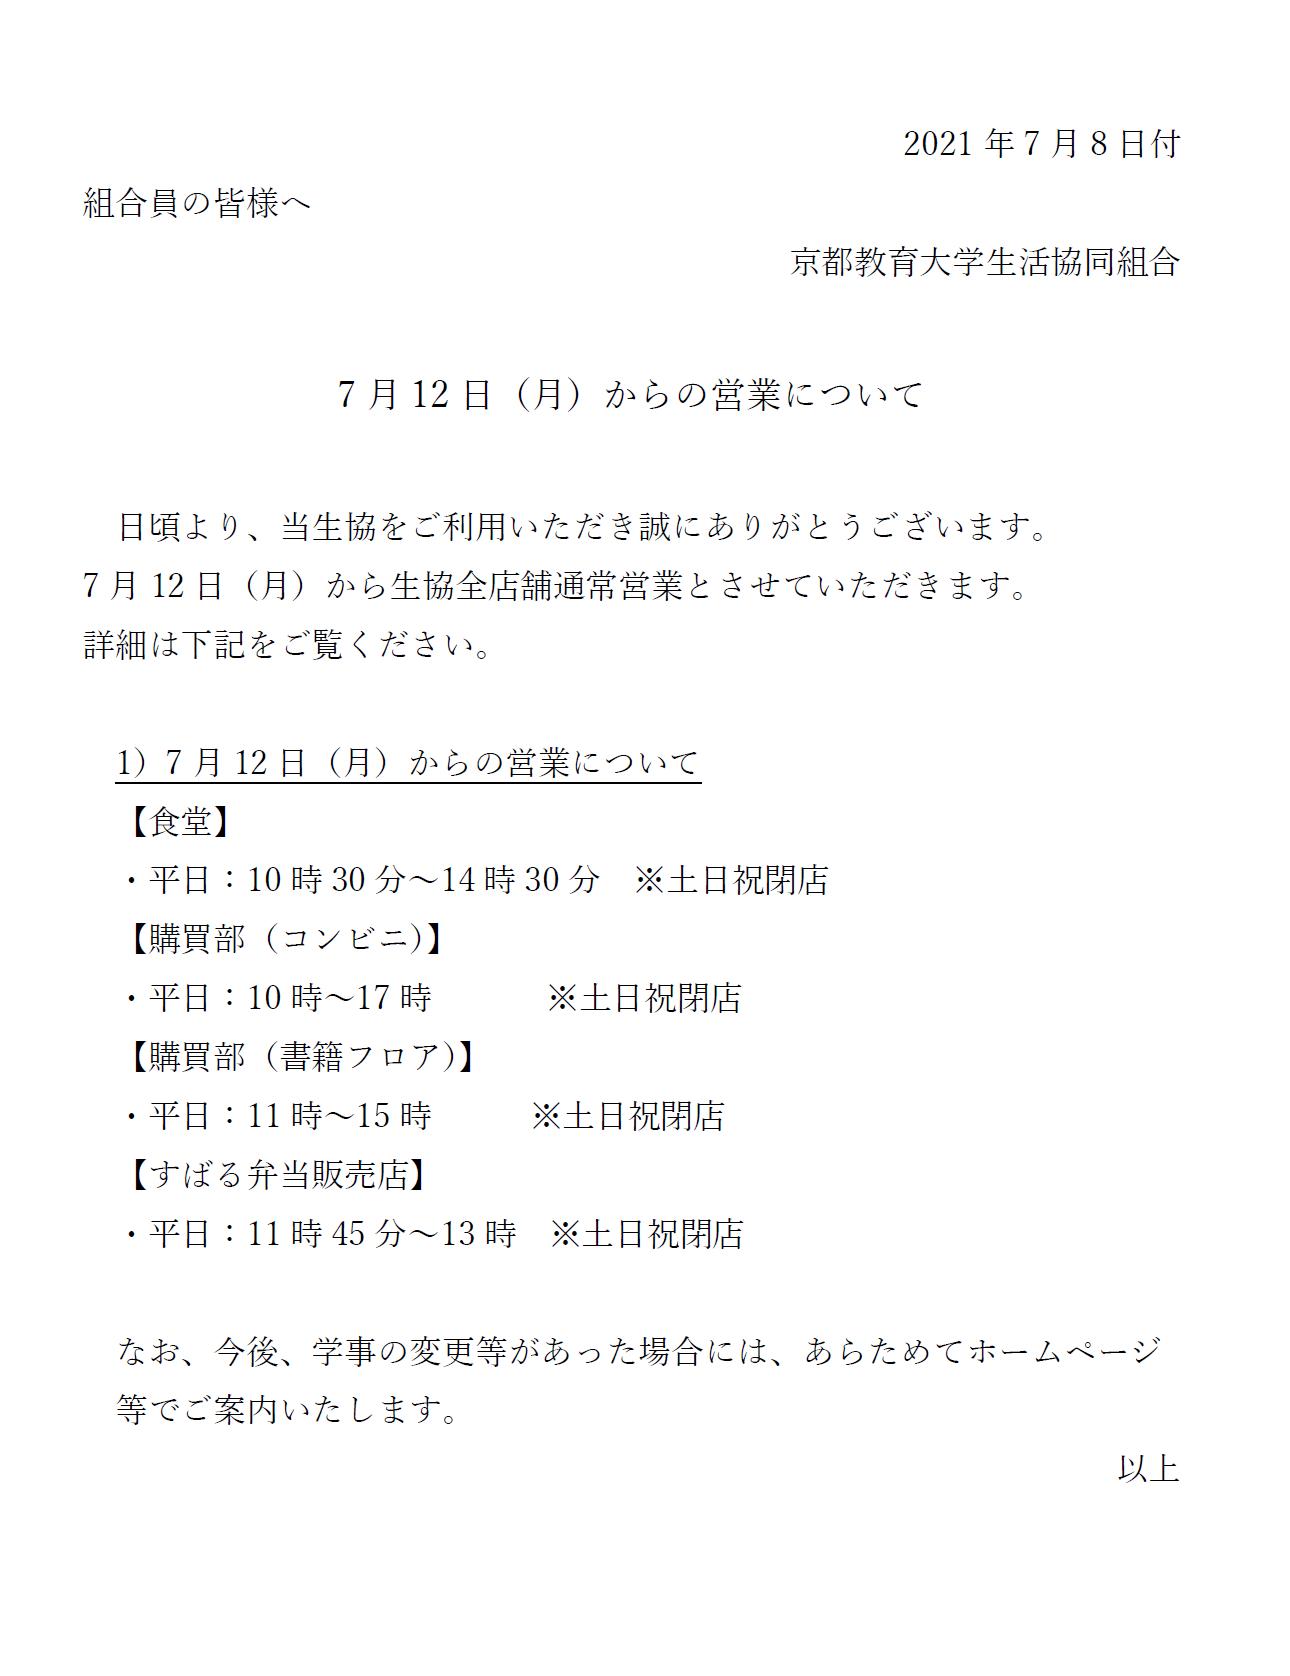 7月12日から営業について(HPアップ用).png